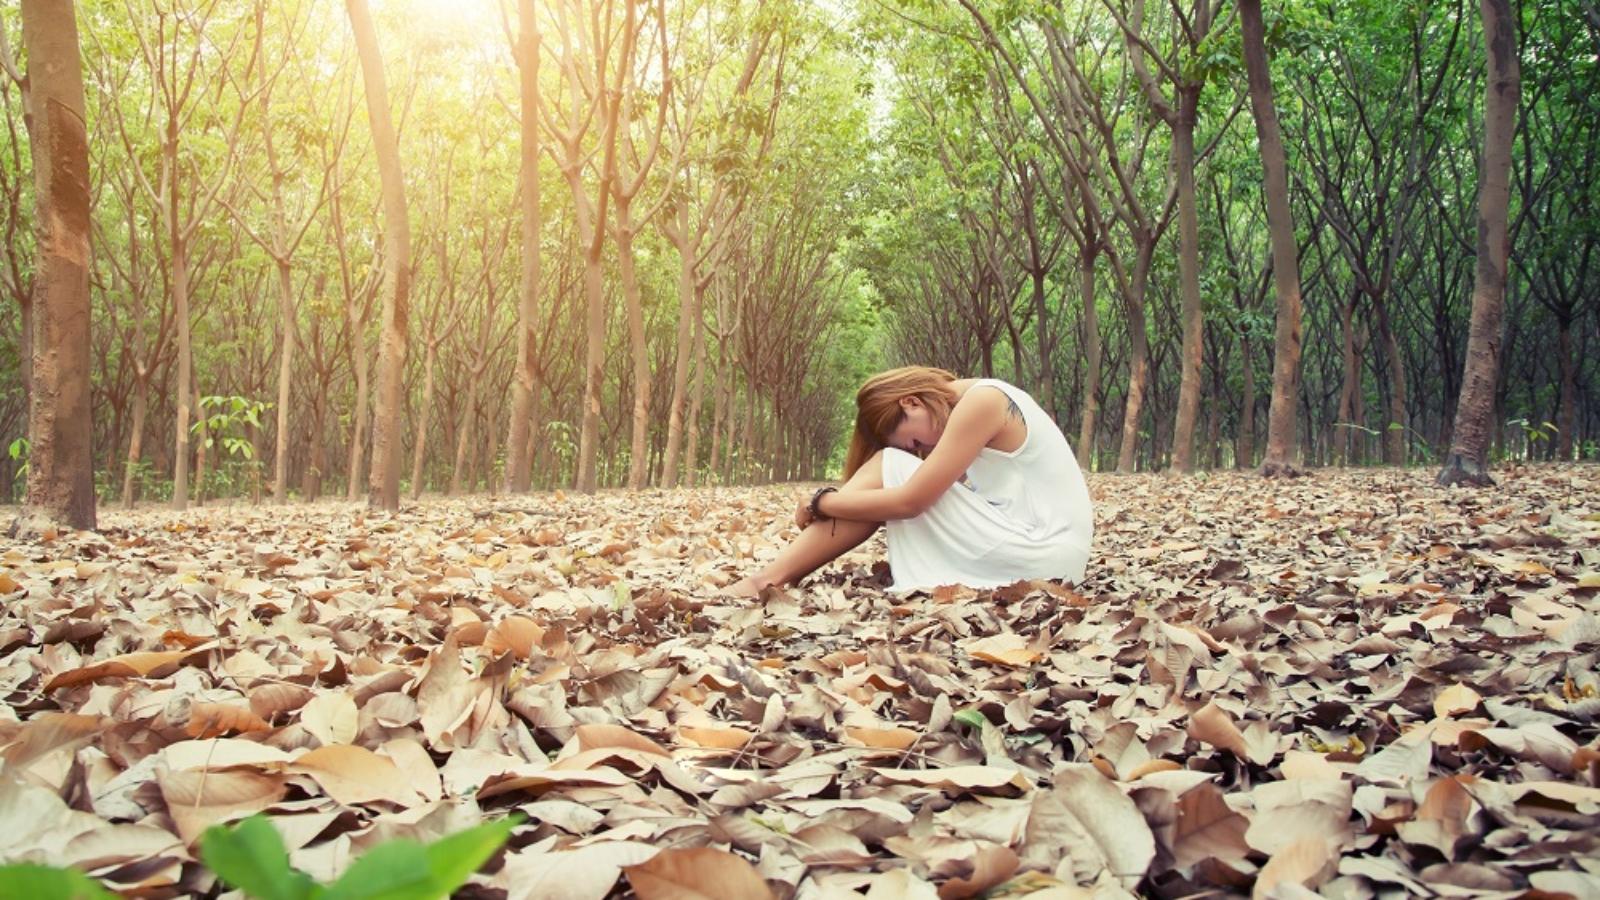 Mujer asiática joven tristemente sentado en la hoja seca en el bosque solo